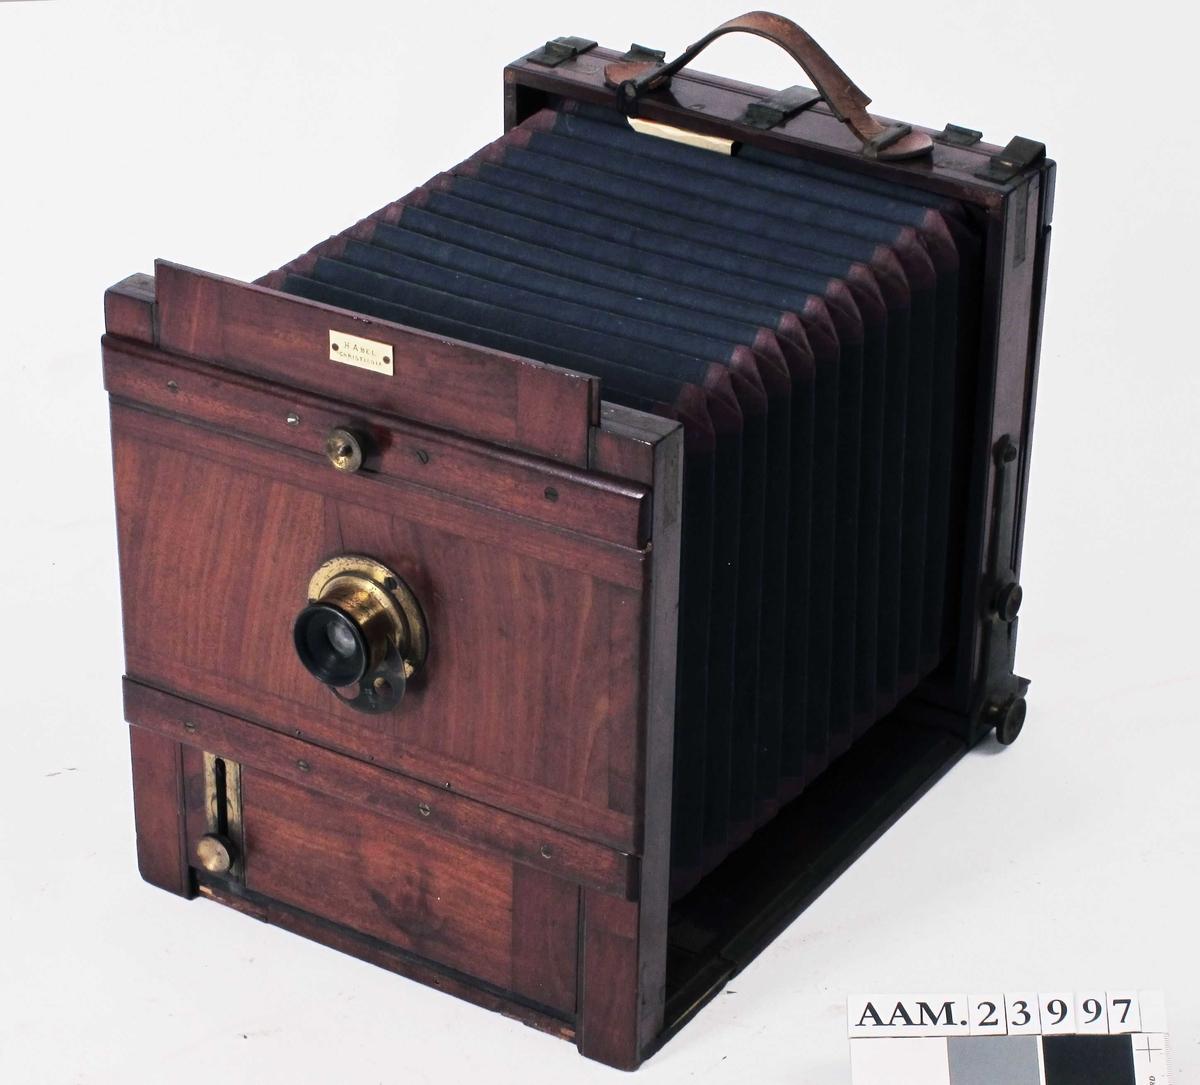 Kamera for glassplater, brukt av en profesjonell fotograf. Av tre, metall, glass.